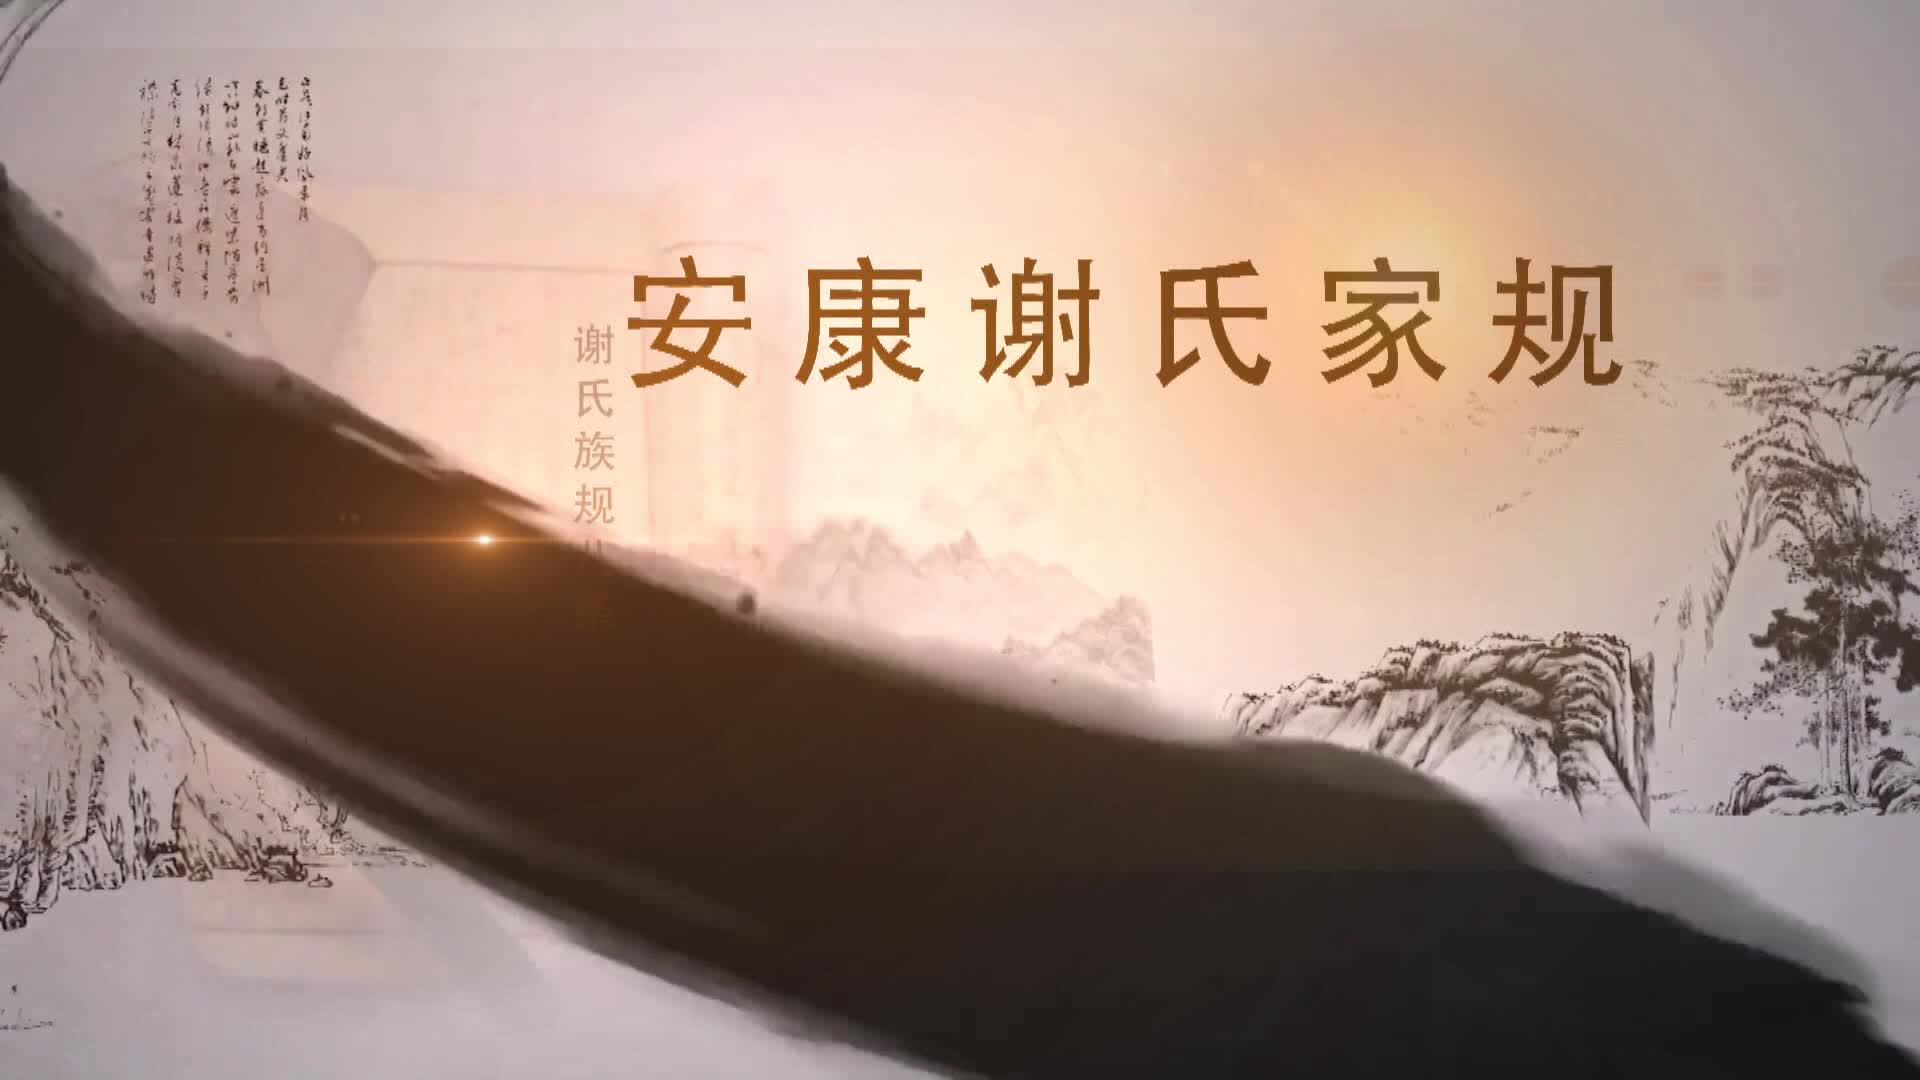 【廉政频道】芝兰玉树品高洁 身模家范付儿孙